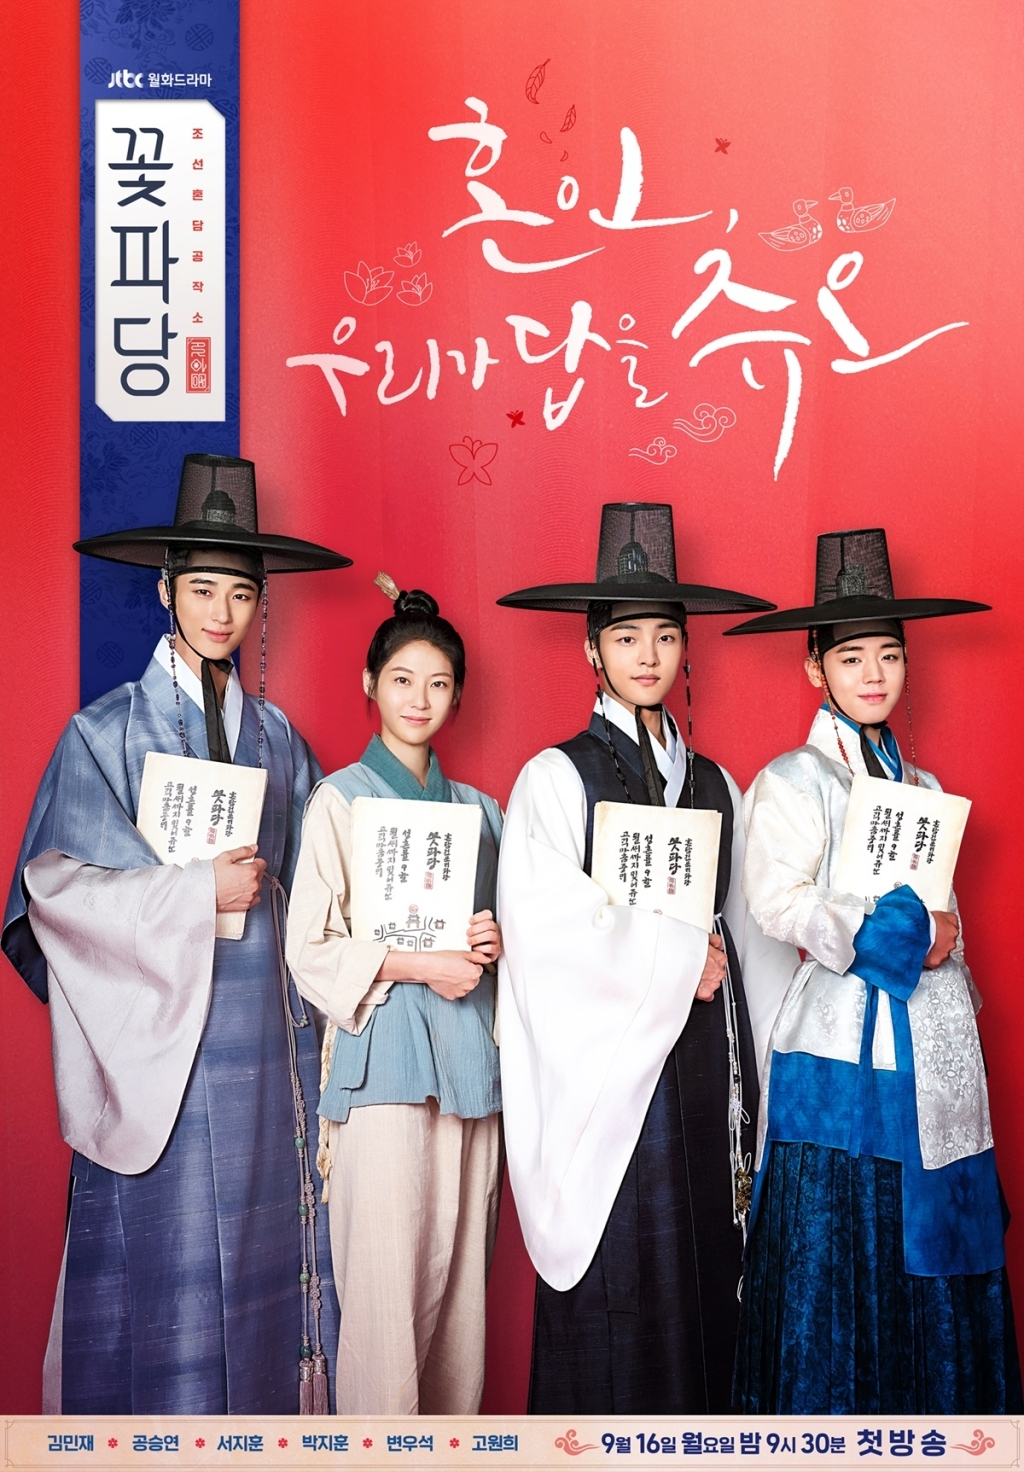 chuyen chang nokdu cua kim so hyun co man chao san an tuong